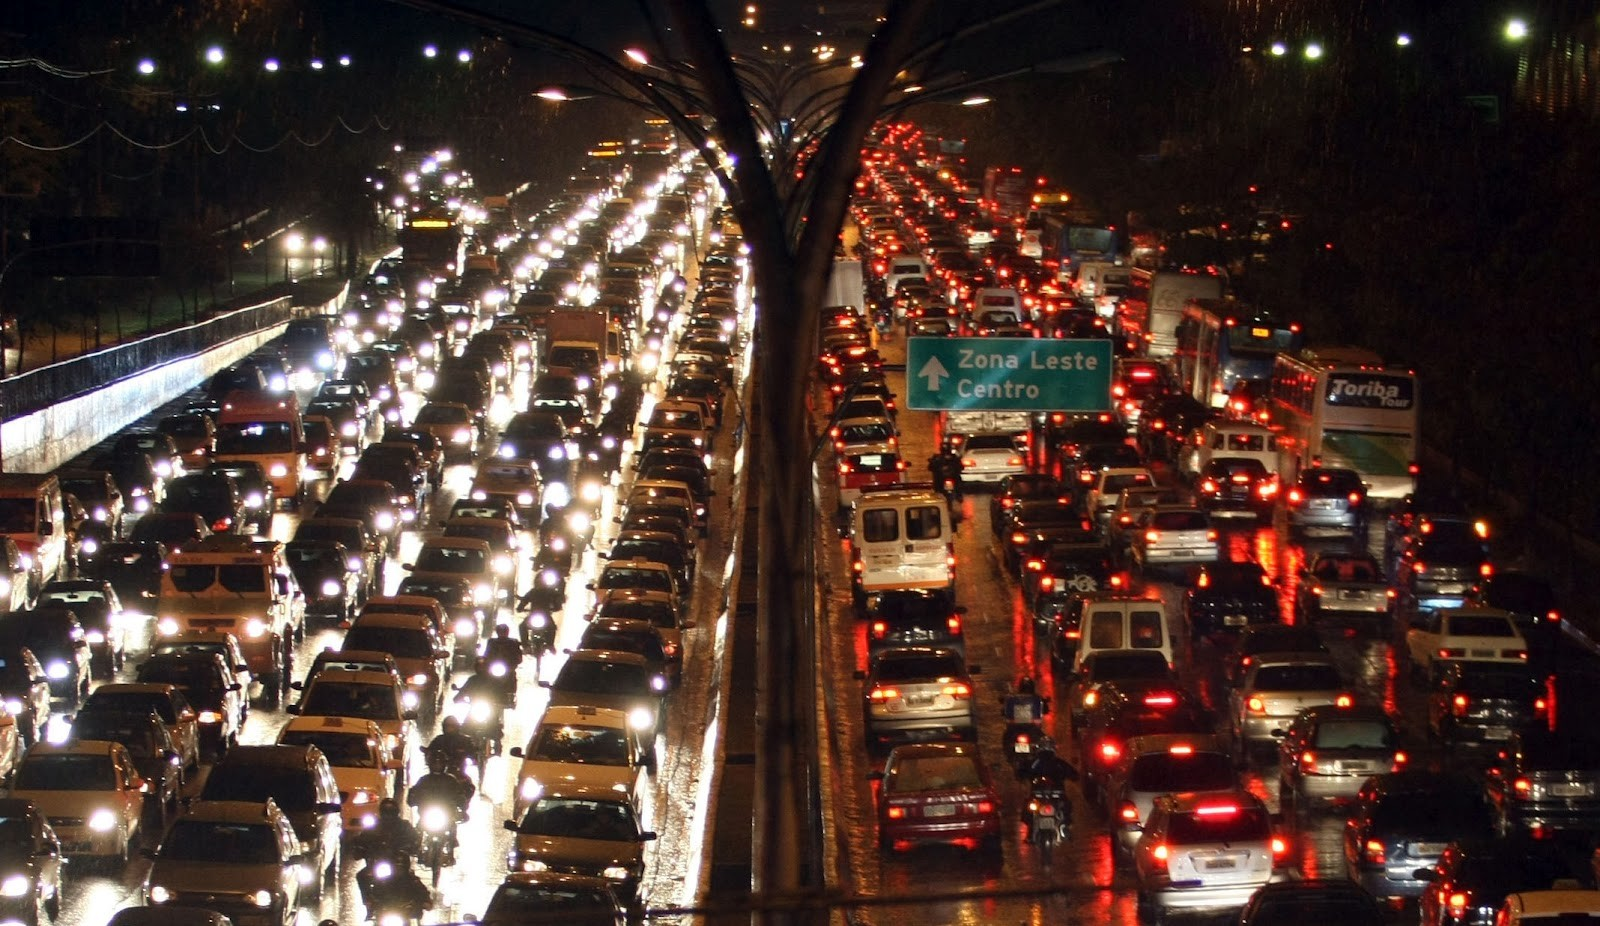 Trânsito em São Paulo ganha estudo com rotas mais inteligentes (Foto: Reprodução)